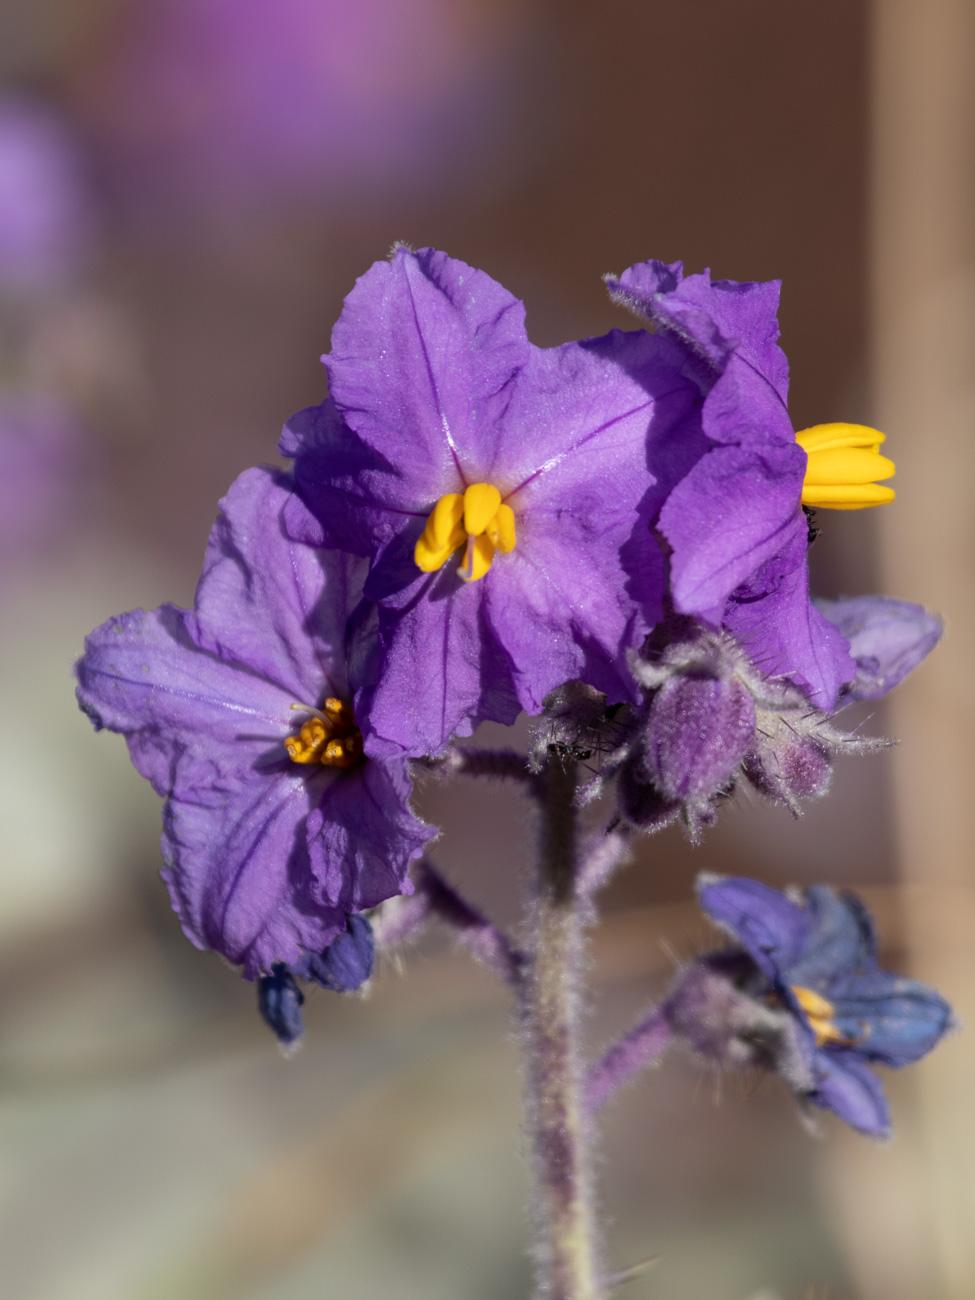 Solanum Quadriloculatum (or Wild Tomato)